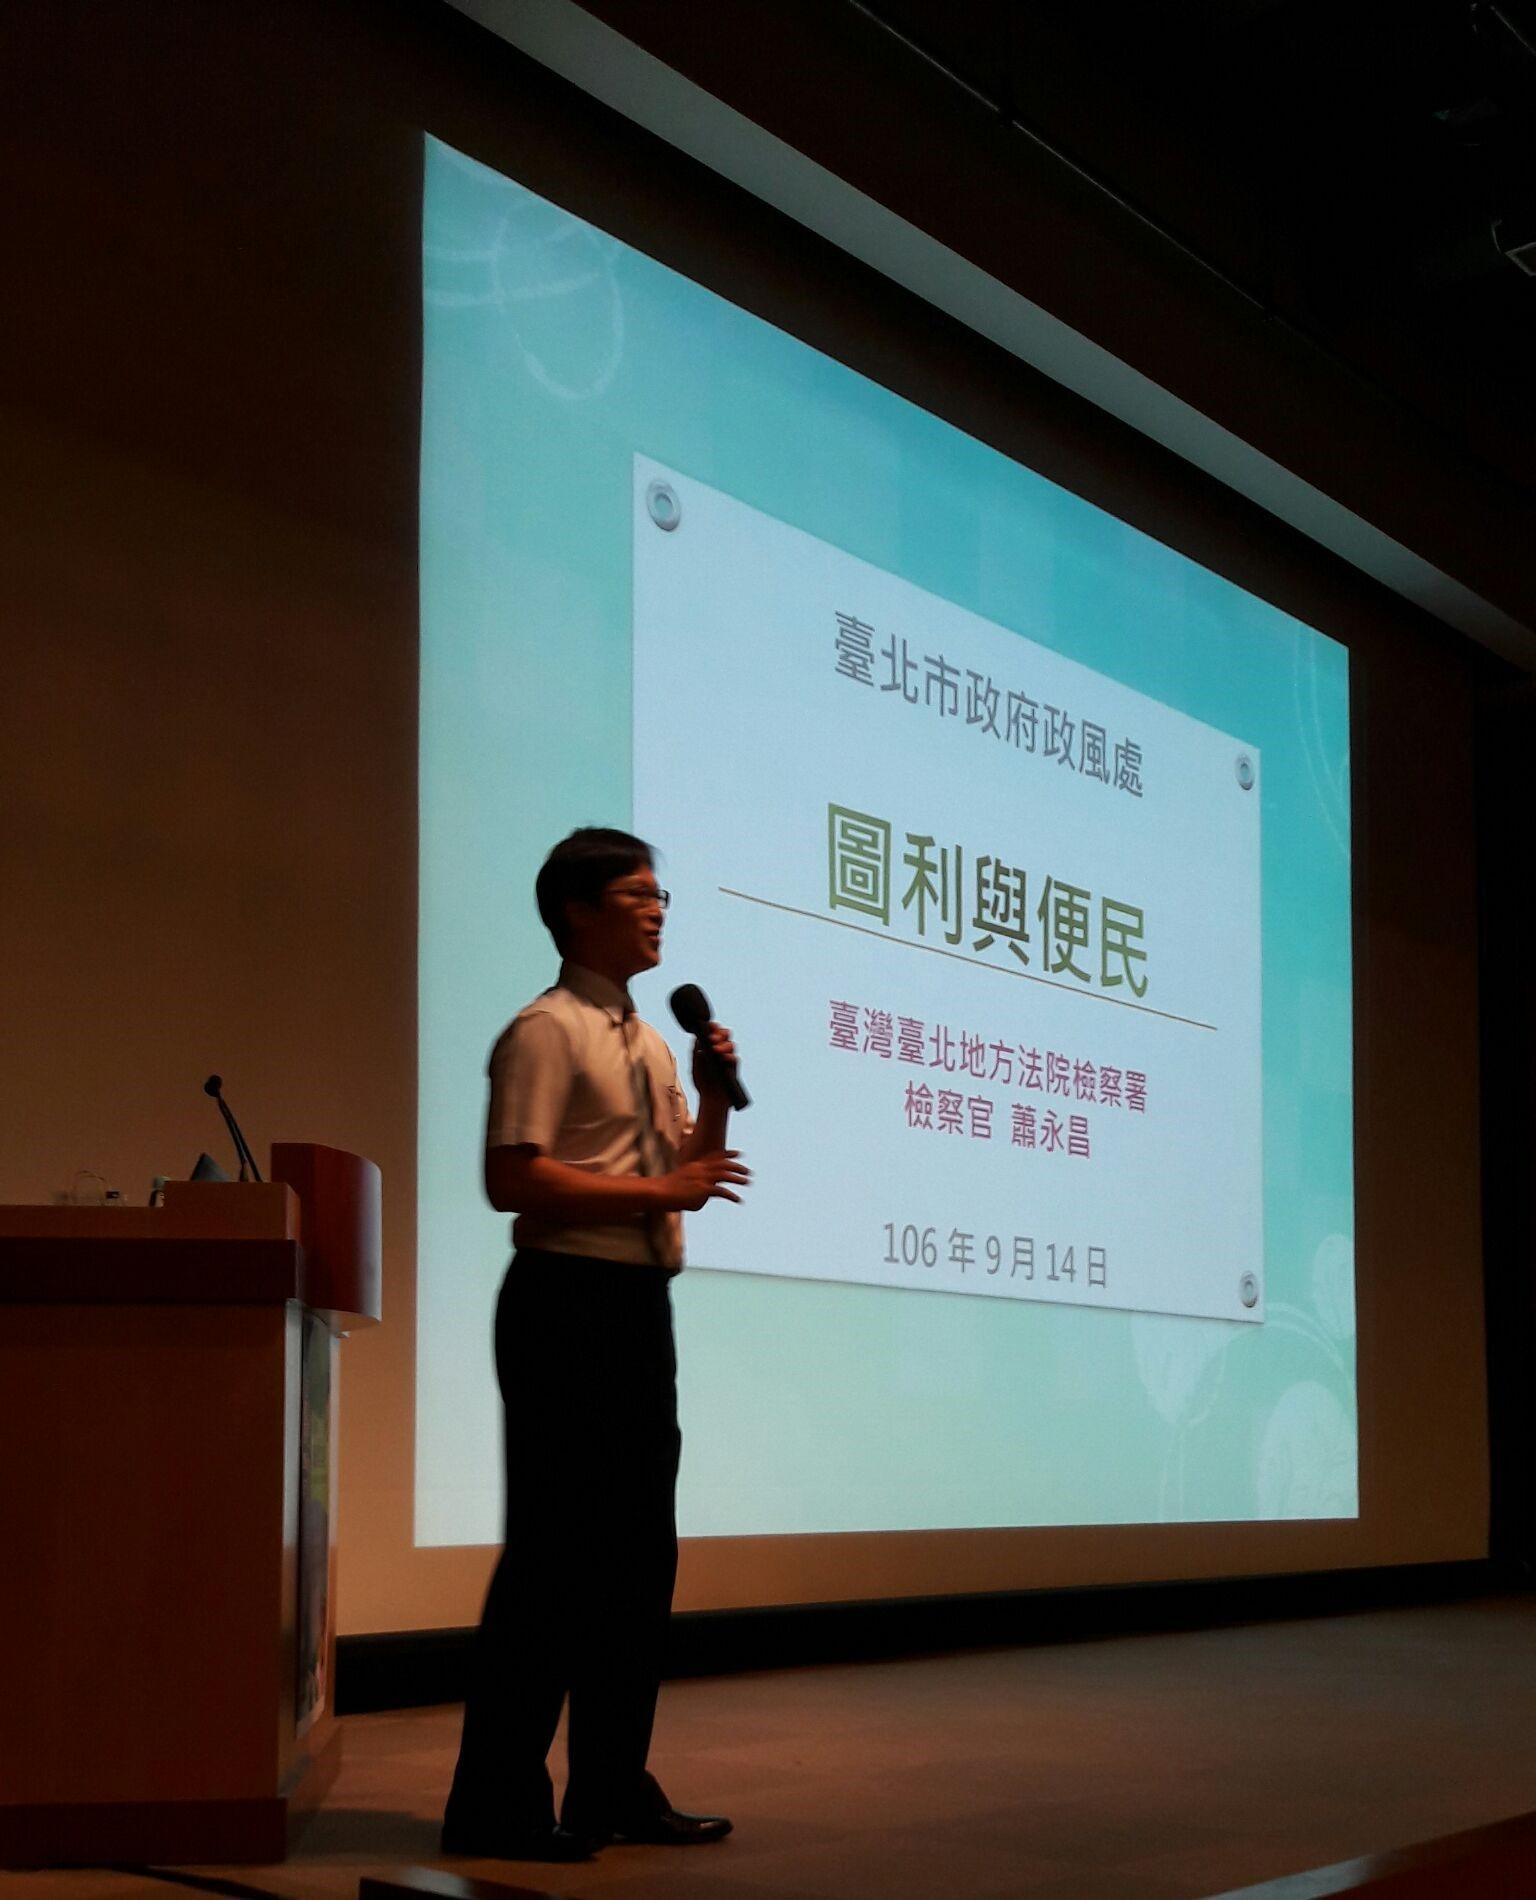 政風處14日辦理「圖利與便民」講習,邀請臺北地檢署檢察官蕭永昌授課。